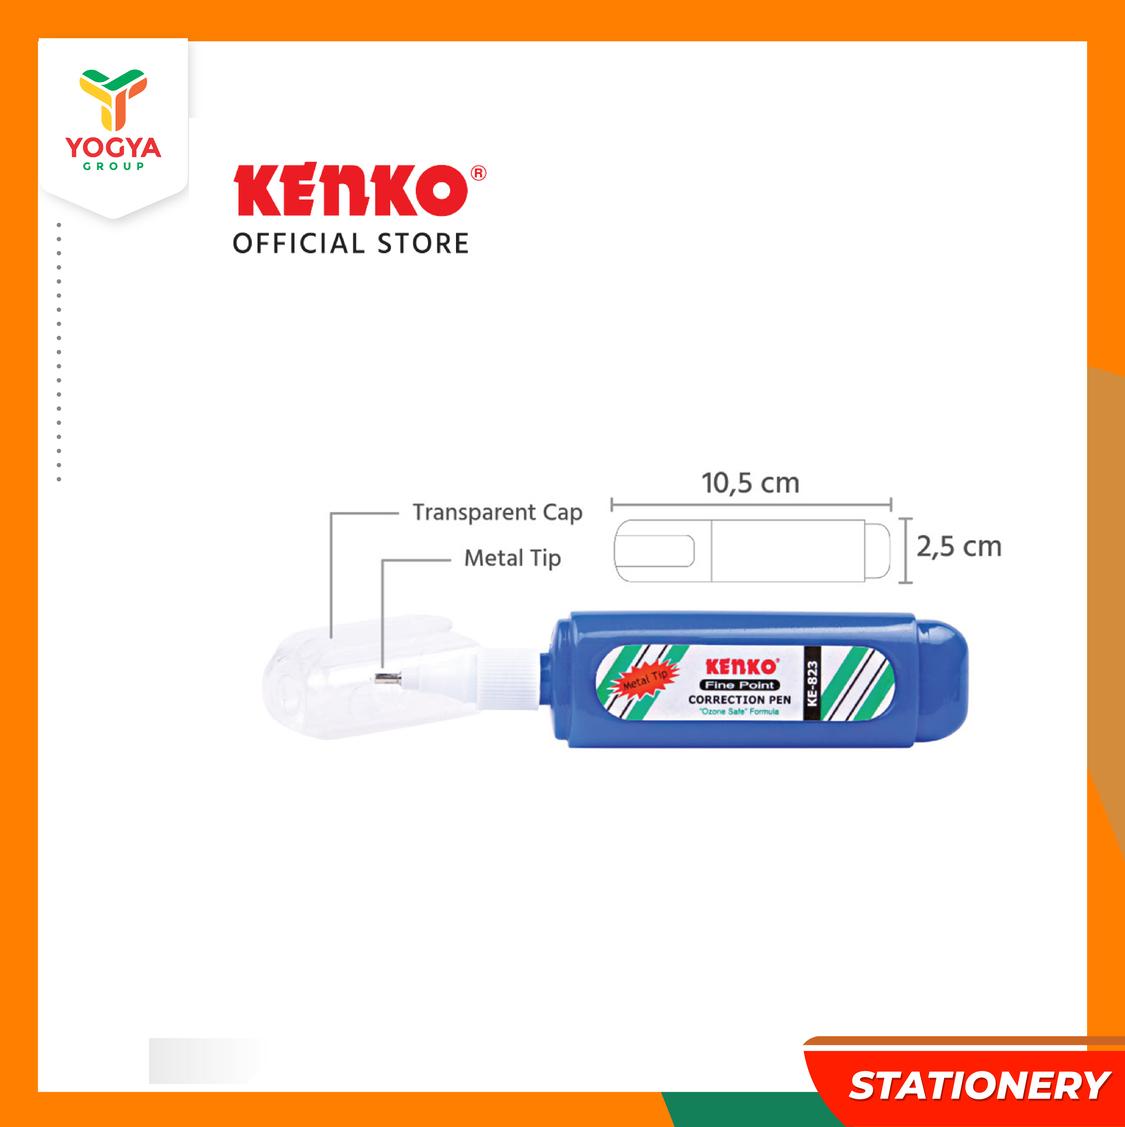 KENKO TIP-EX KE-823M METAL TIP